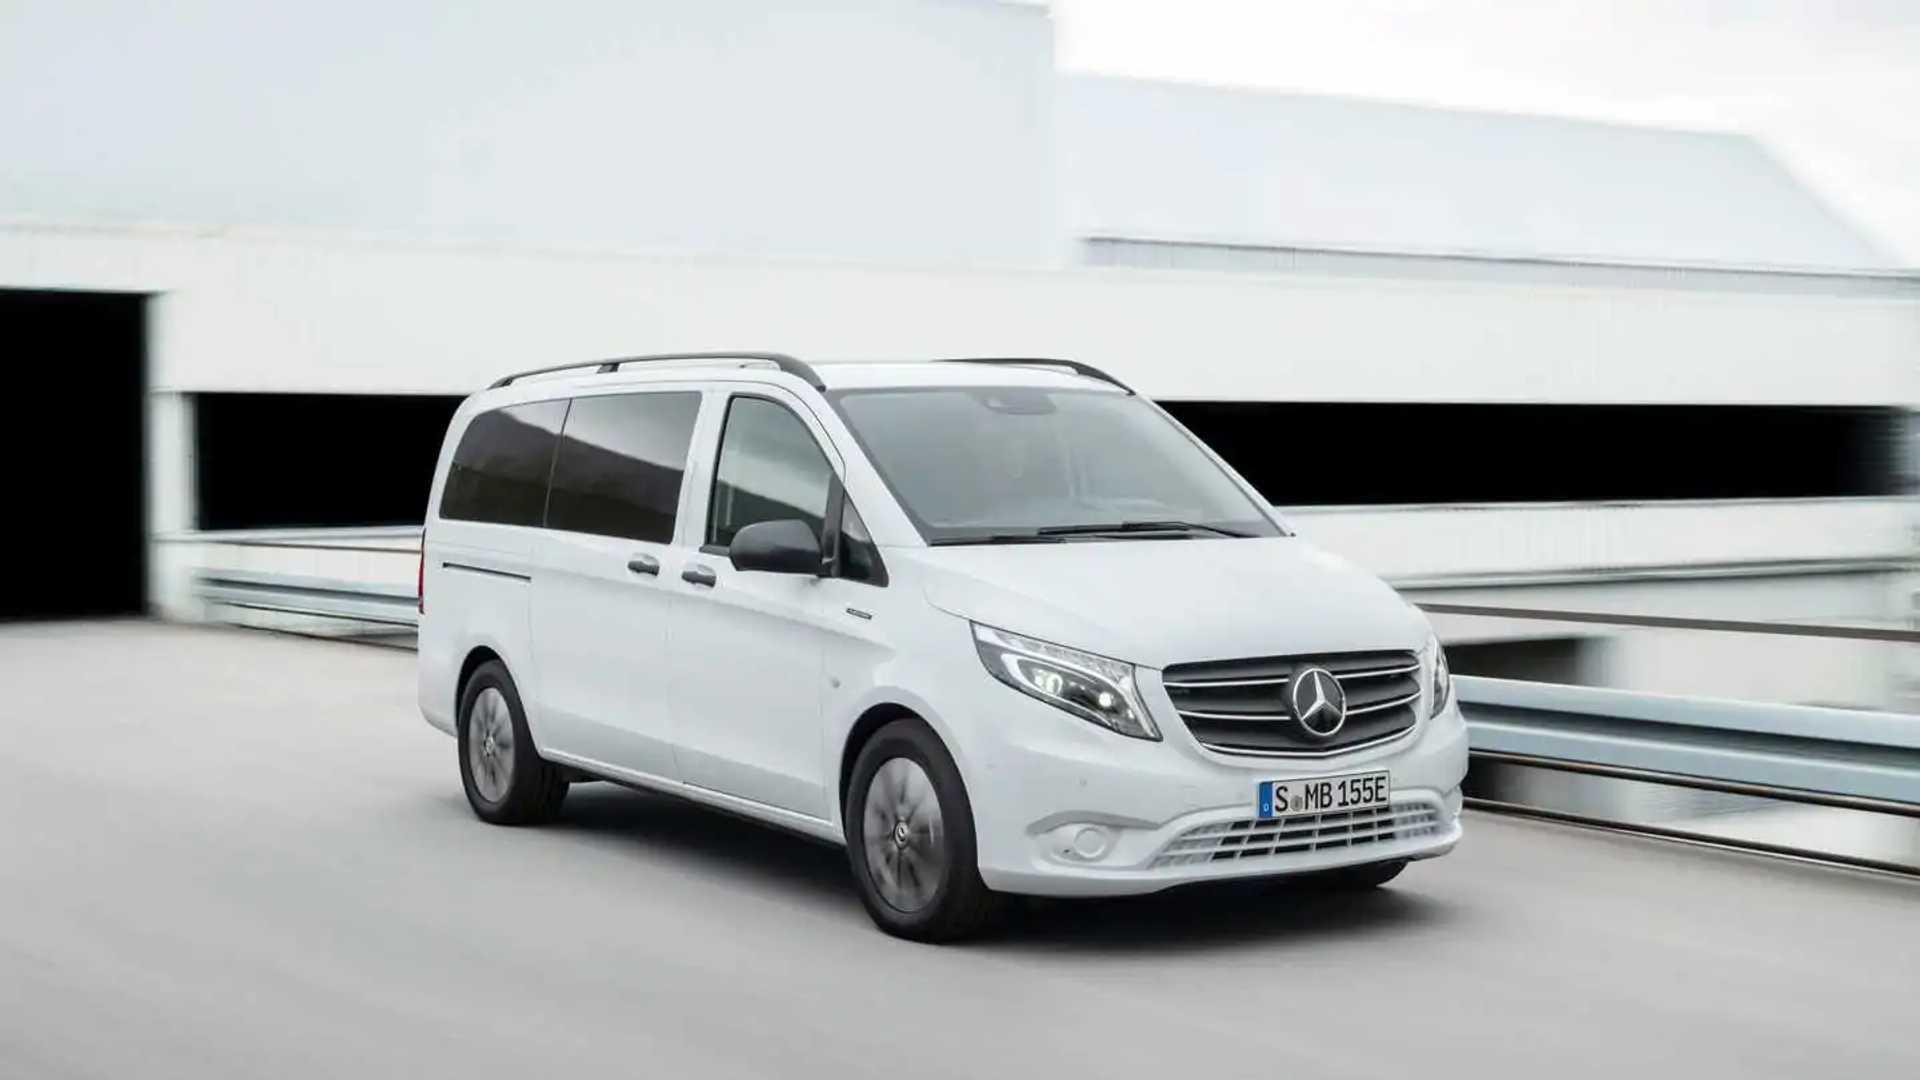 2020 Mercedes-Benz Vito and eVito